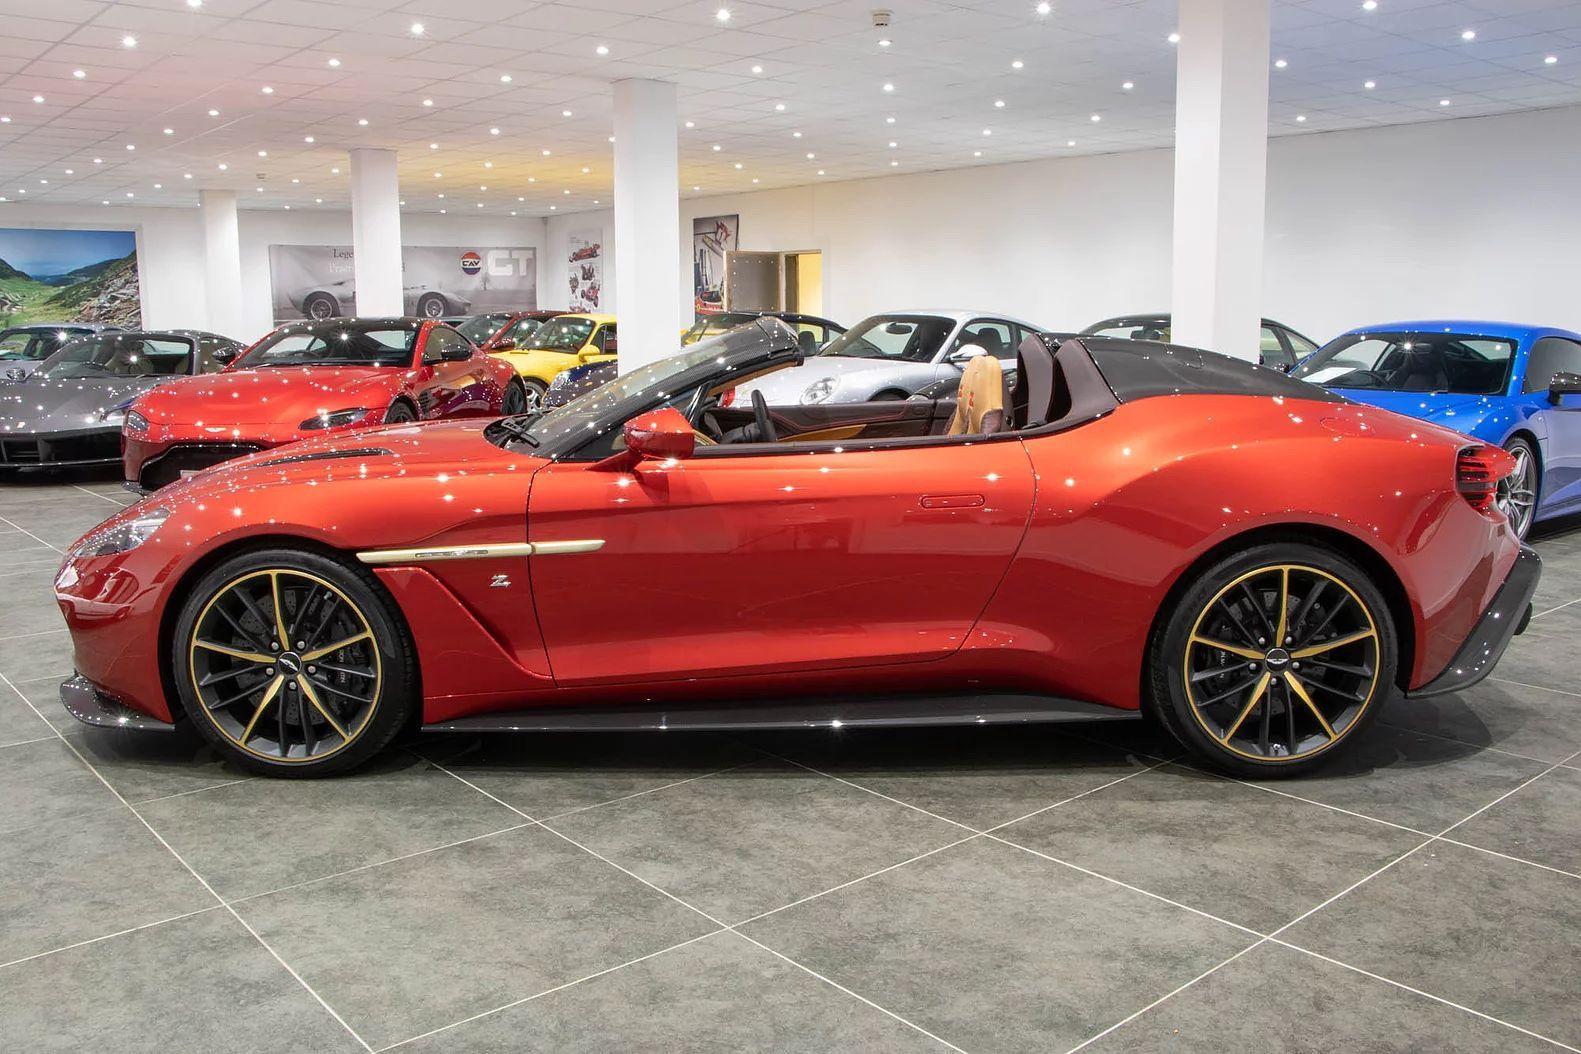 Aston_Martin_Vanquish_Speedster_sale-0004